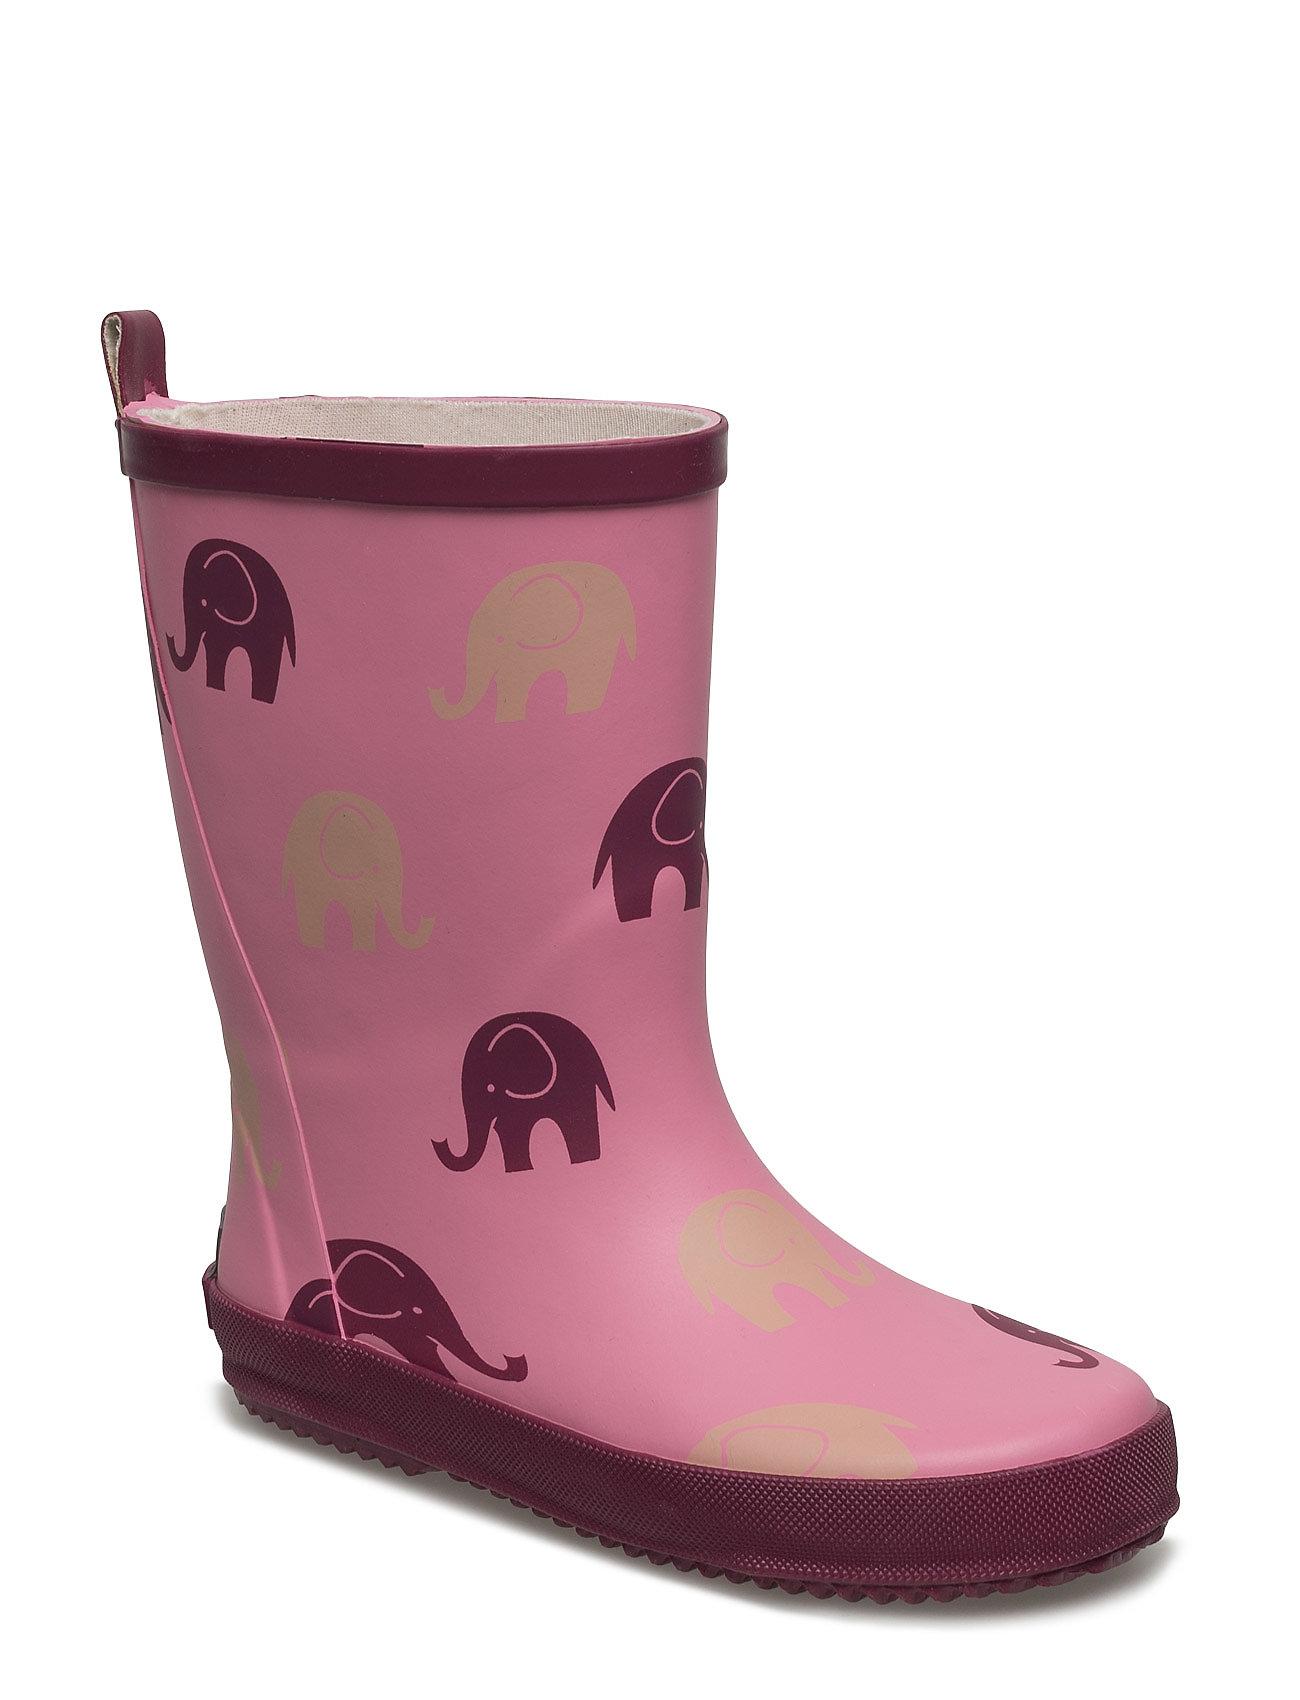 Wellies W. Ao-Elephants CeLaVi Gummistøvler til Børn i Chateau Rose